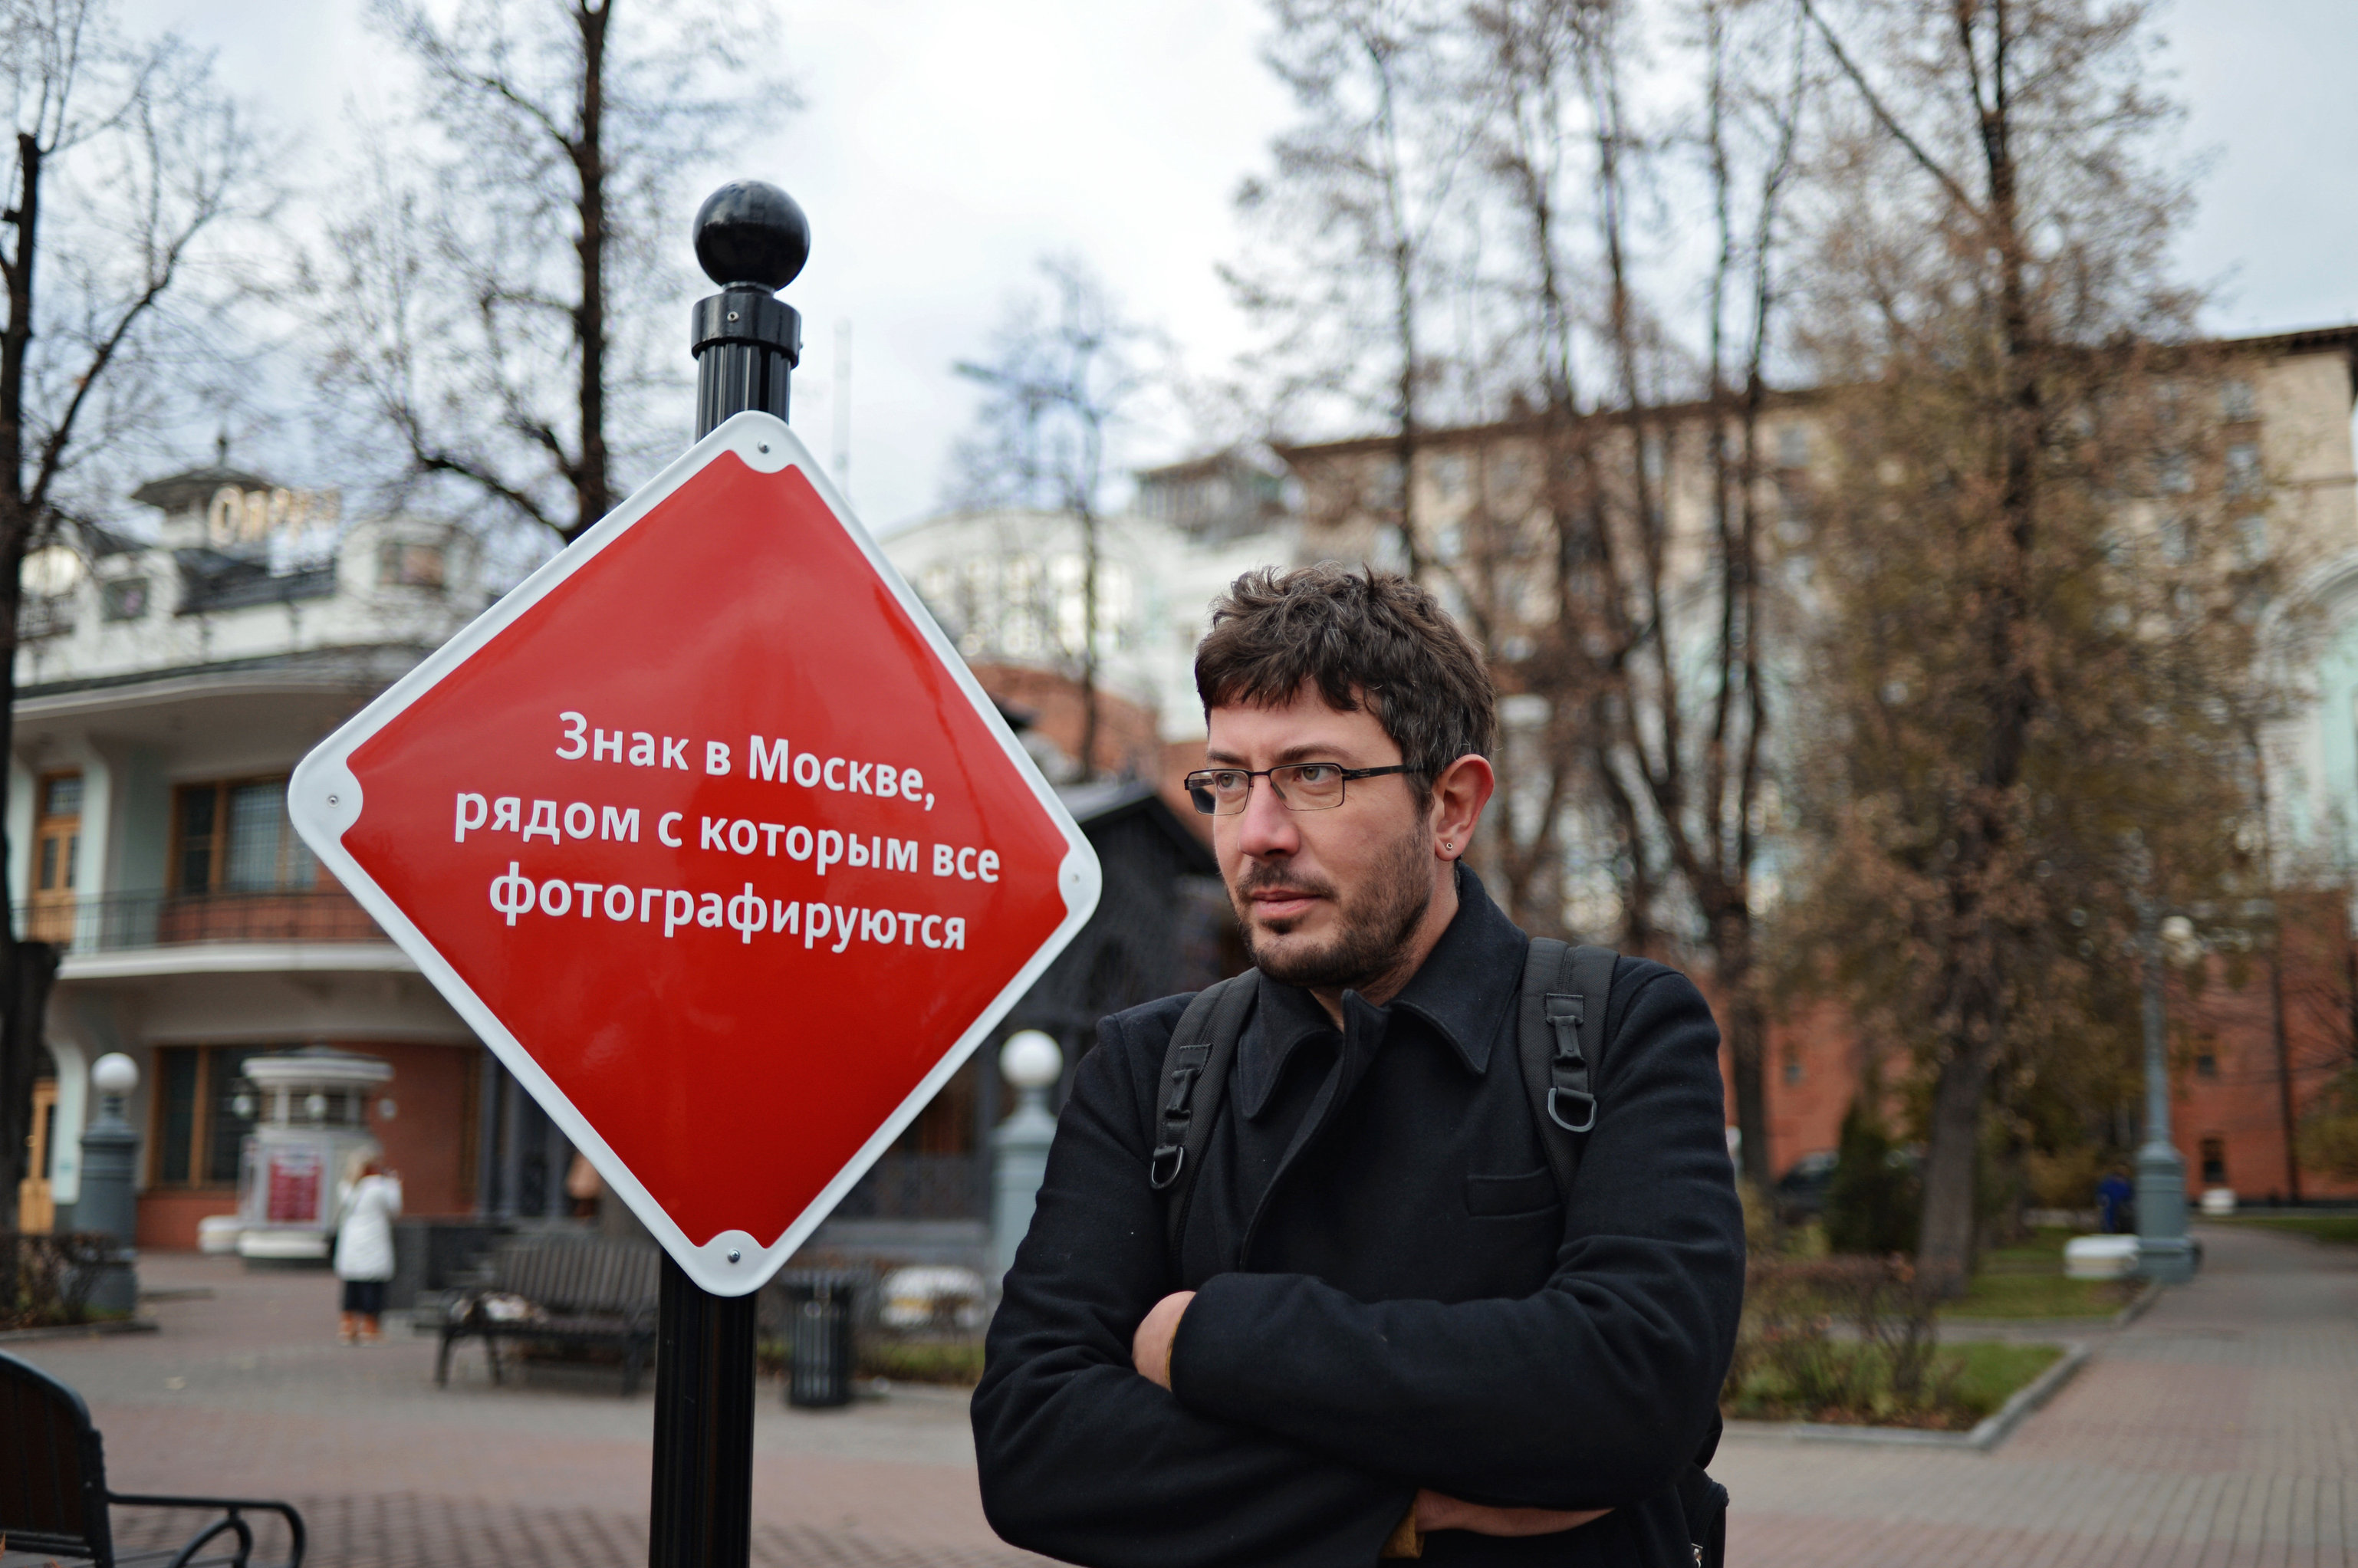 Дизайнер Артемий Лебедев: «У Путина нет вкуса к новому»